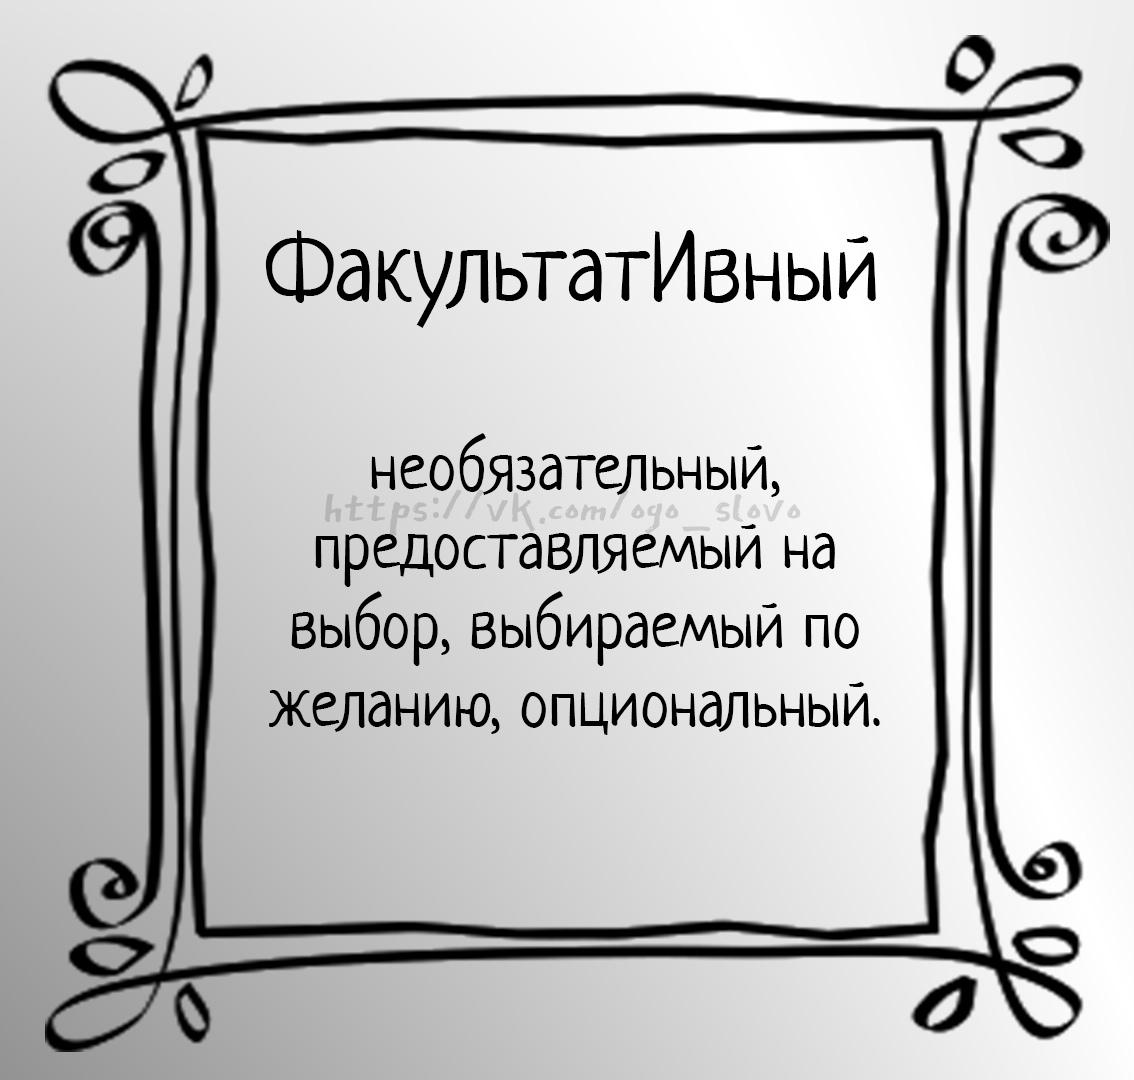 https://sun1-18.userapi.com/c543105/v543105072/48d9c/Kwut0lG-tBo.jpg